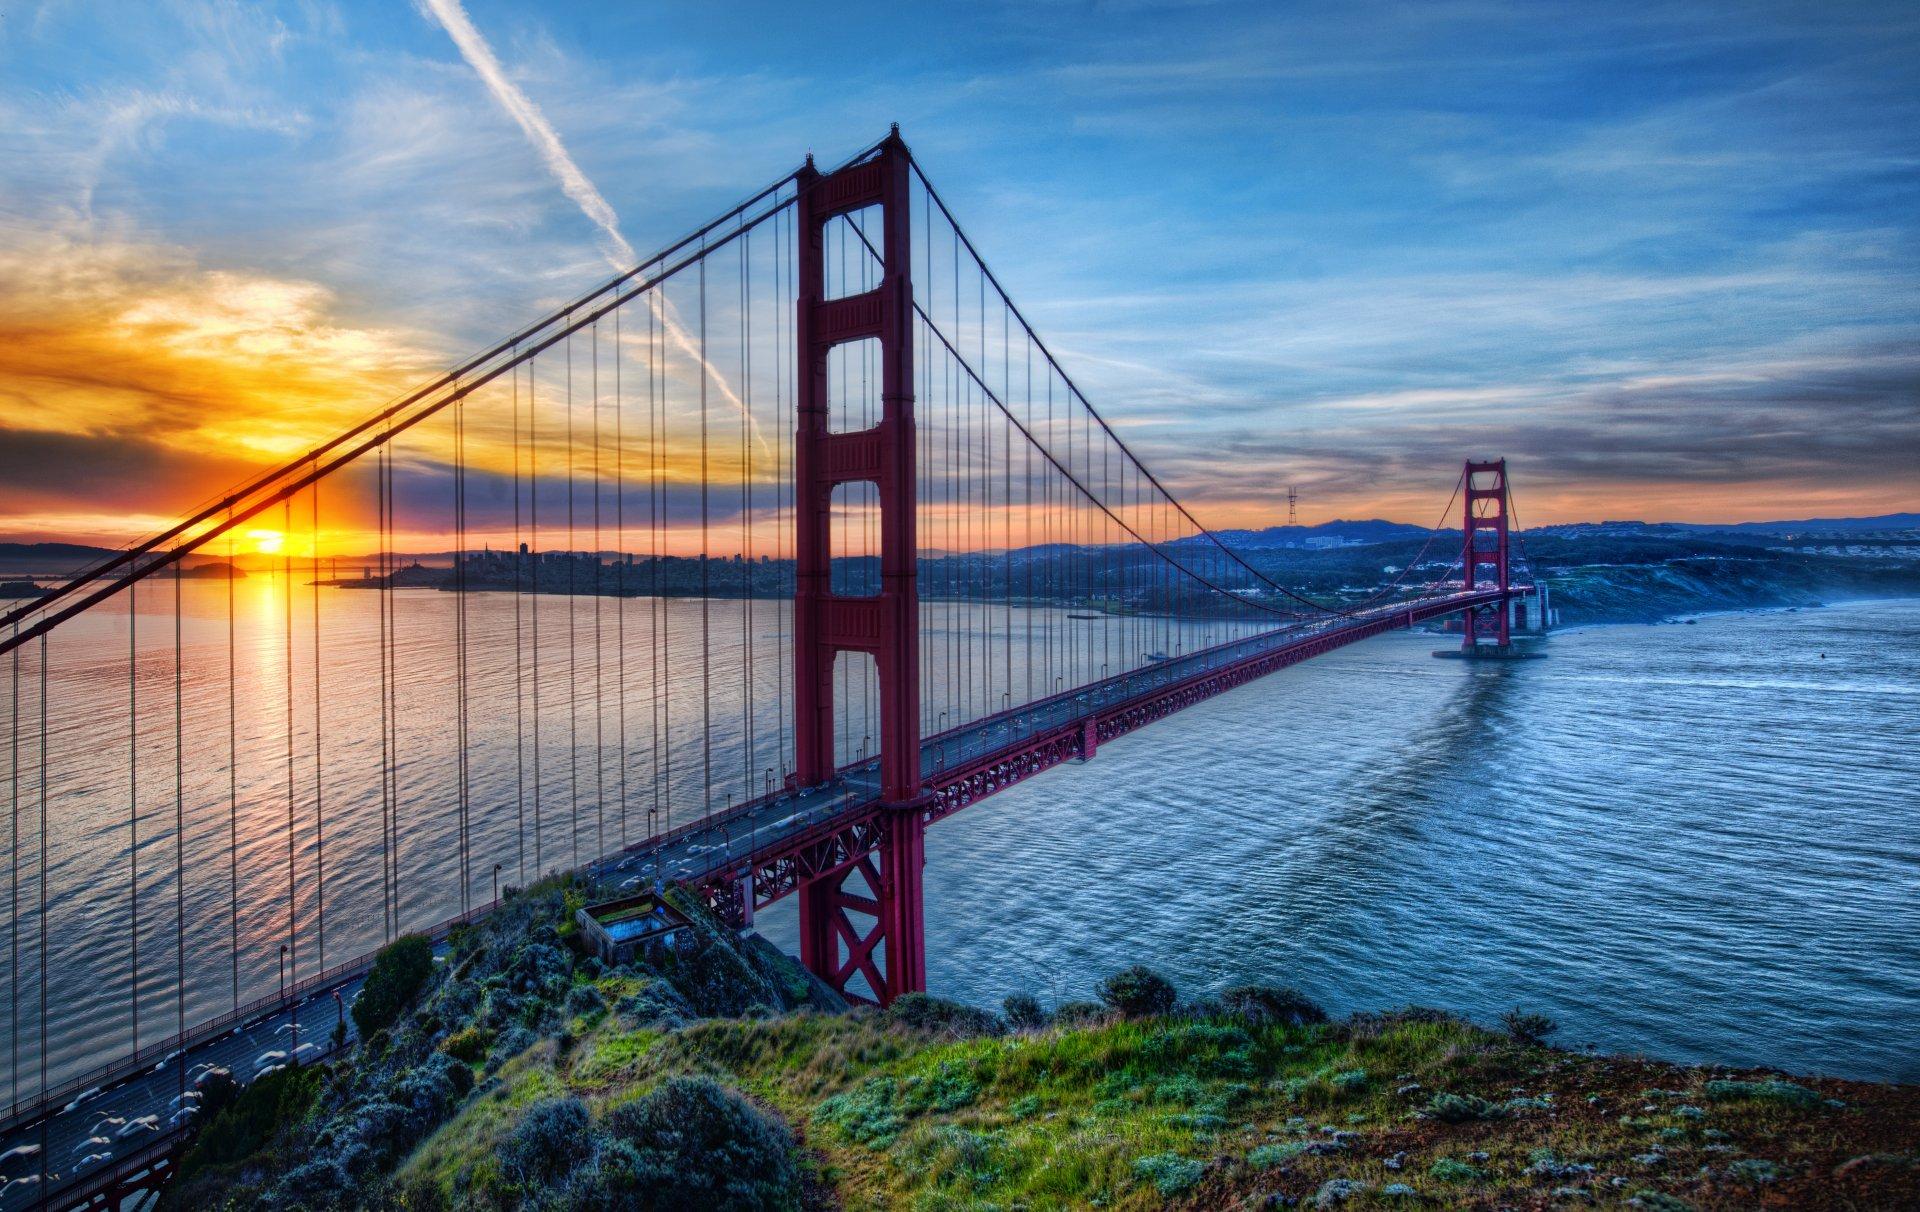 Обои Сан франциско, сша, Залив, облако, туман. Города foto 12